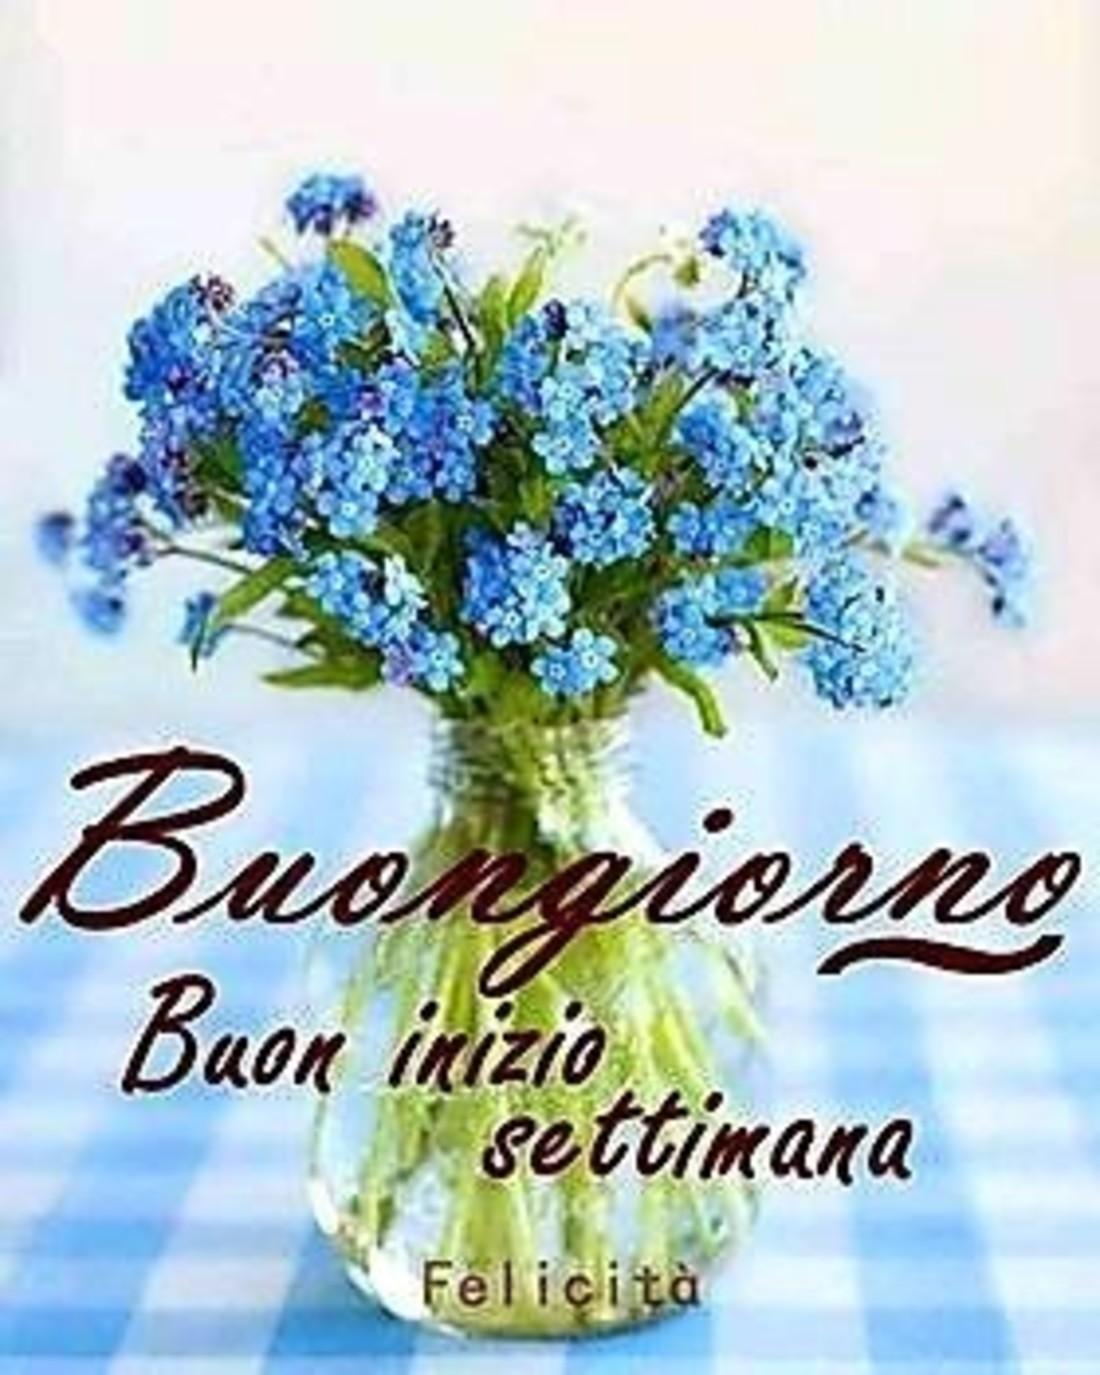 Immagini buon lunedi amore 4 for Buon lunedi whatsapp